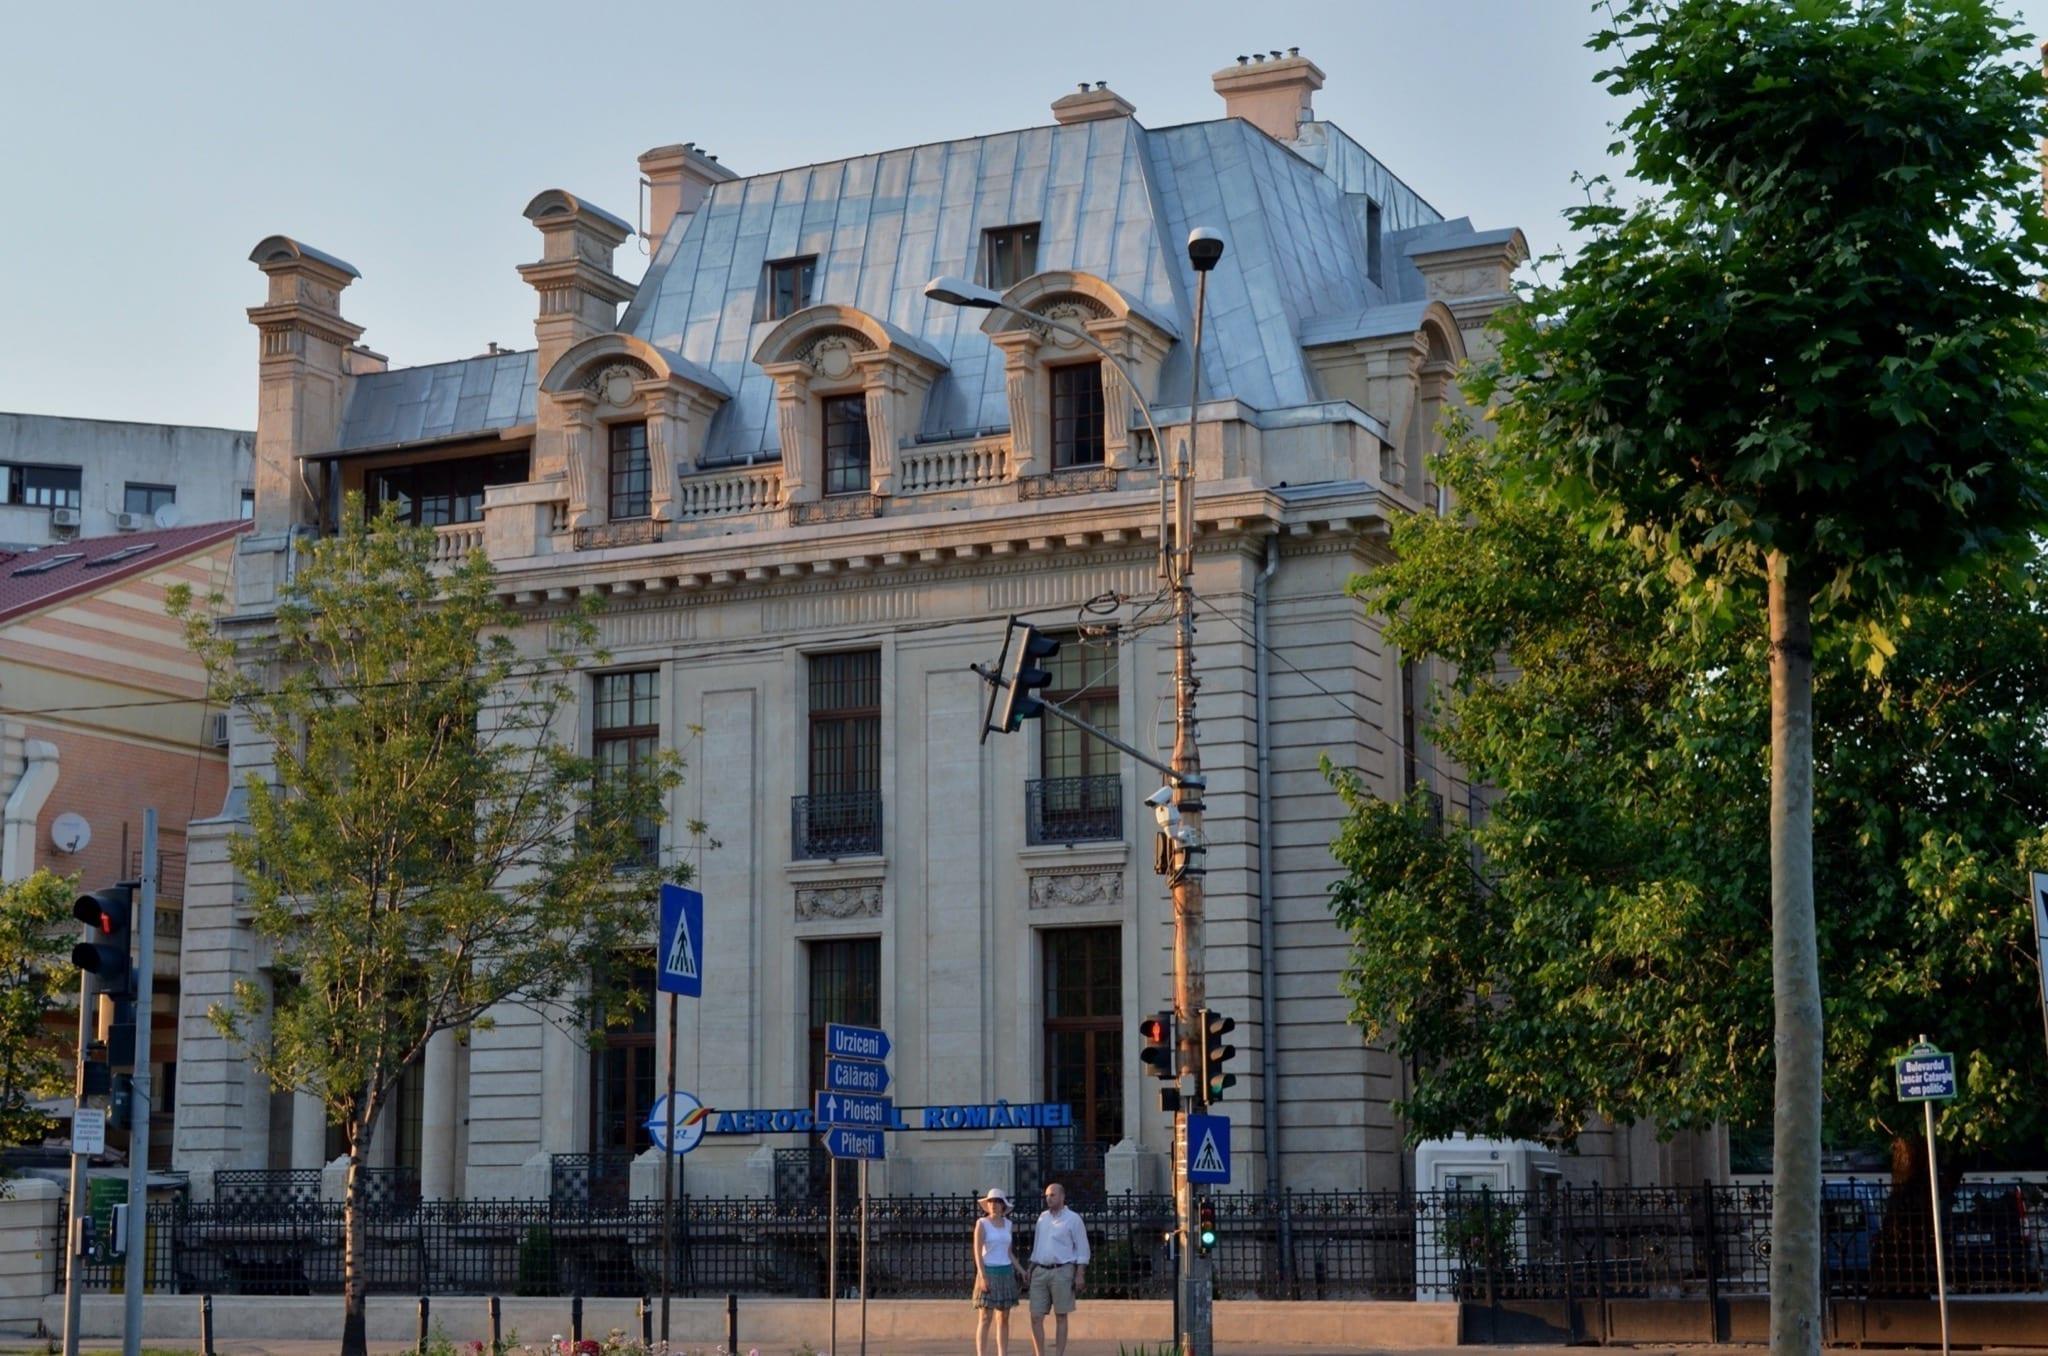 Casa Ing. Vasilescu Bd. Lascar Catargiu nr. 54 B II m A 18338 copy - Casa Ing. Vasilescu, Bd. Lascăr Catargiu nr. 54 (B-II-m-A-18338)